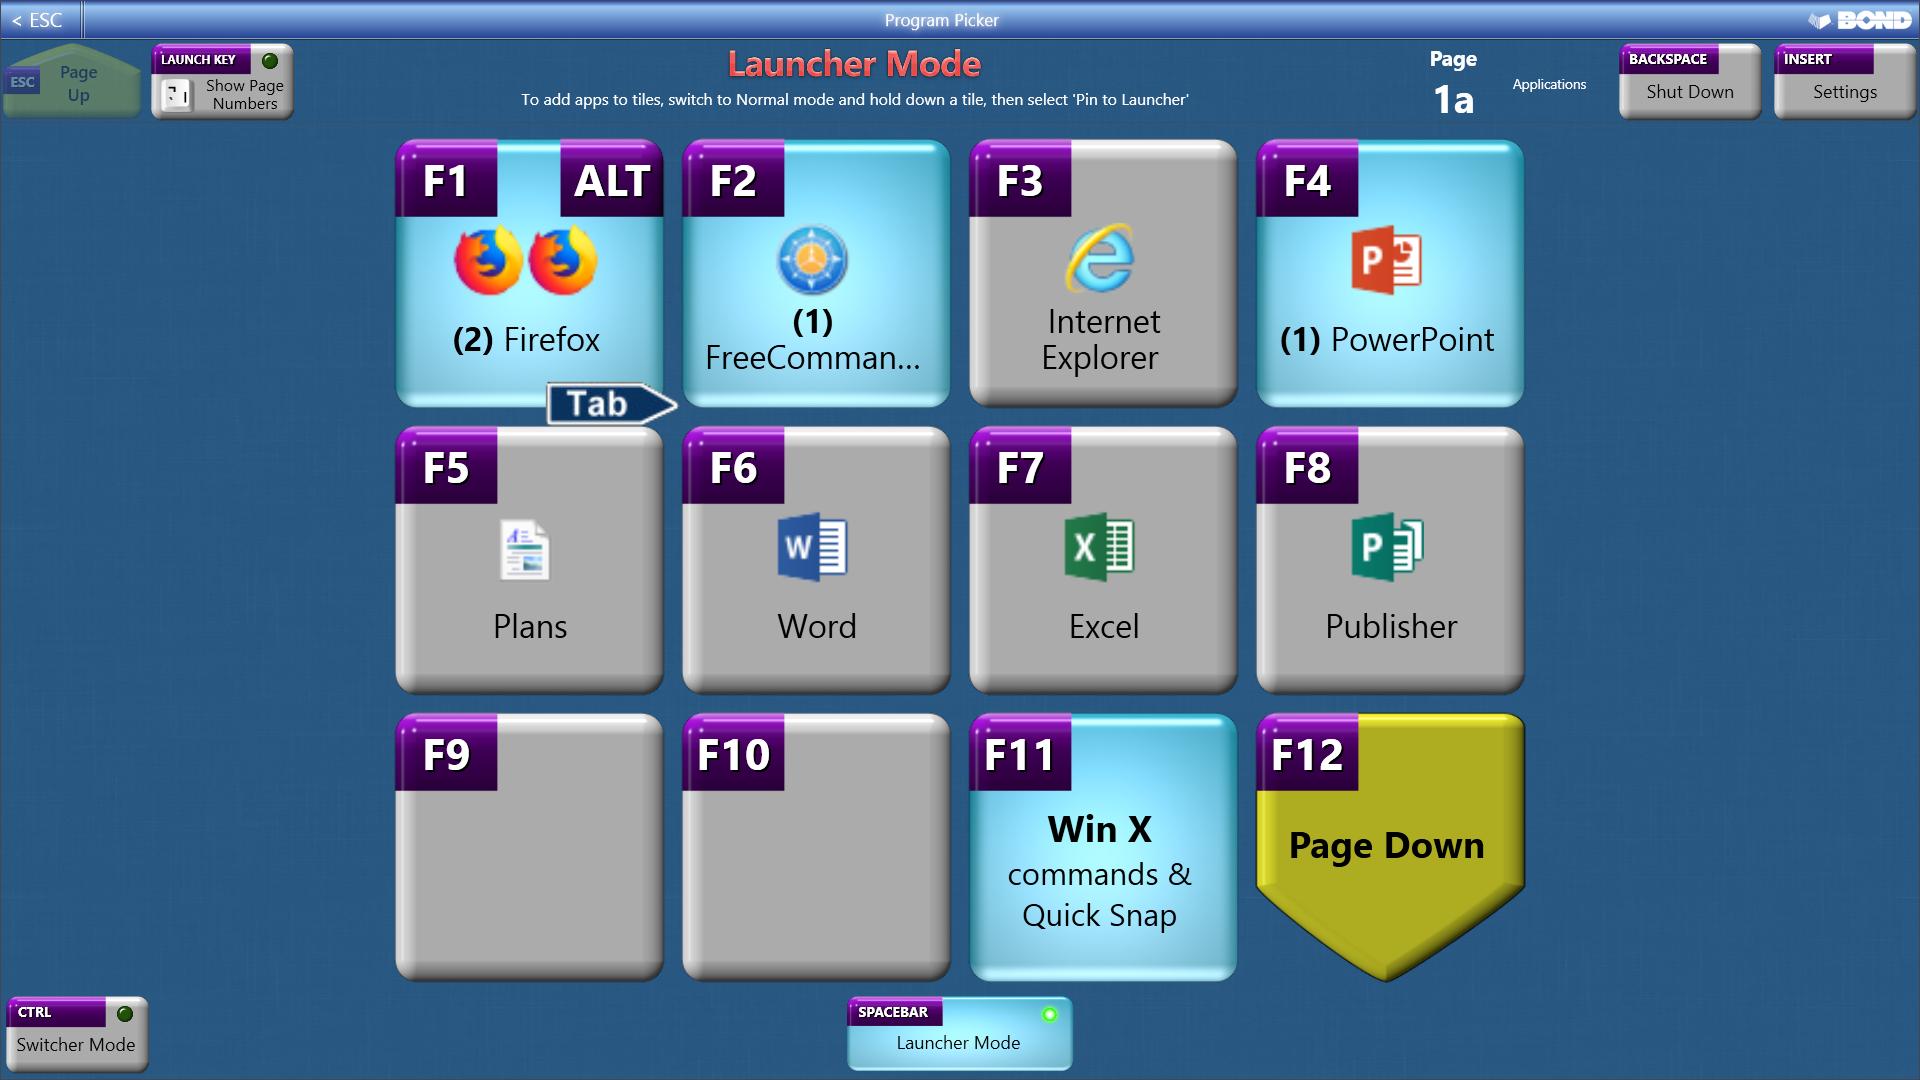 Program Picker, App Launcher Software Screenshot